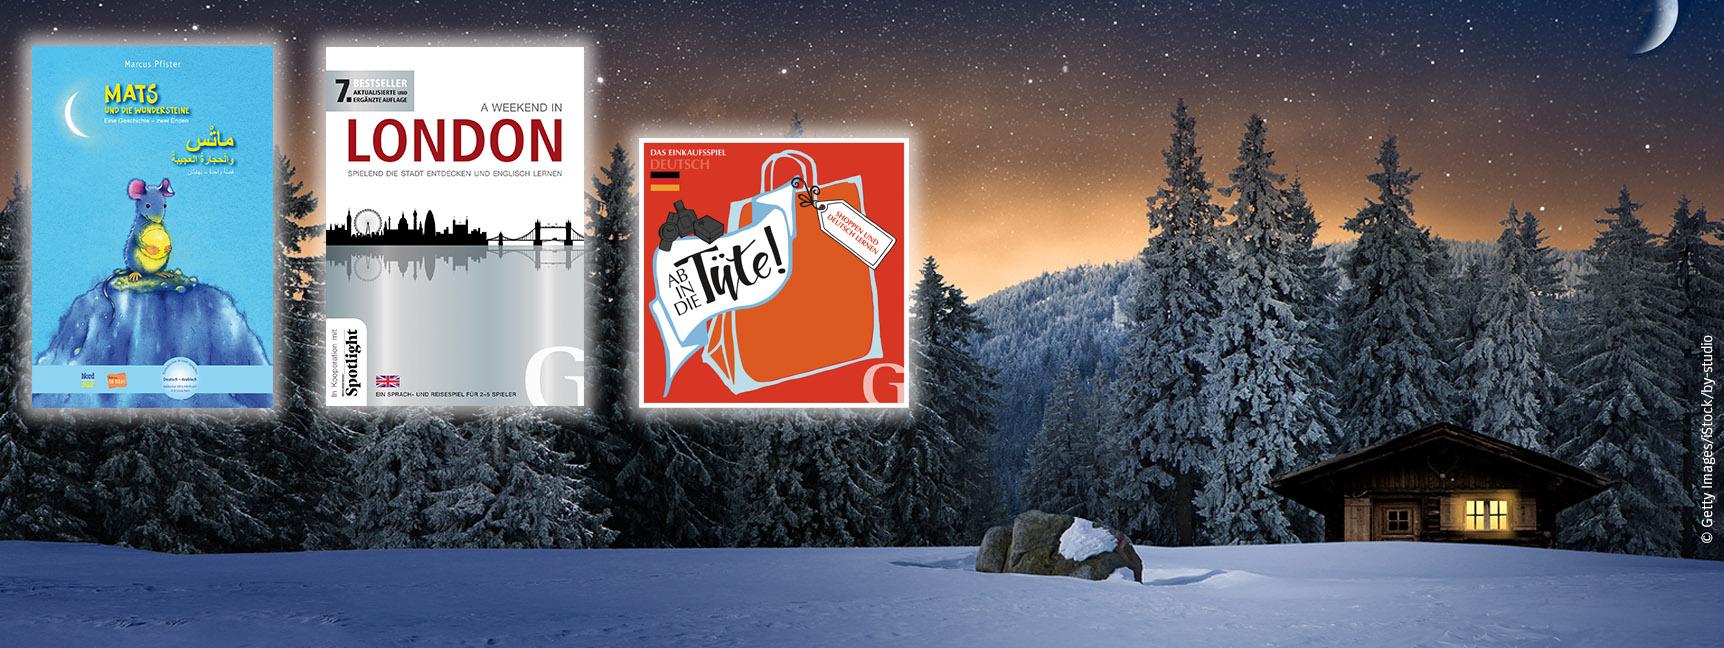 Für gemütliche Winterabende: Sprachspiele und zweisprachige Kinderbücher